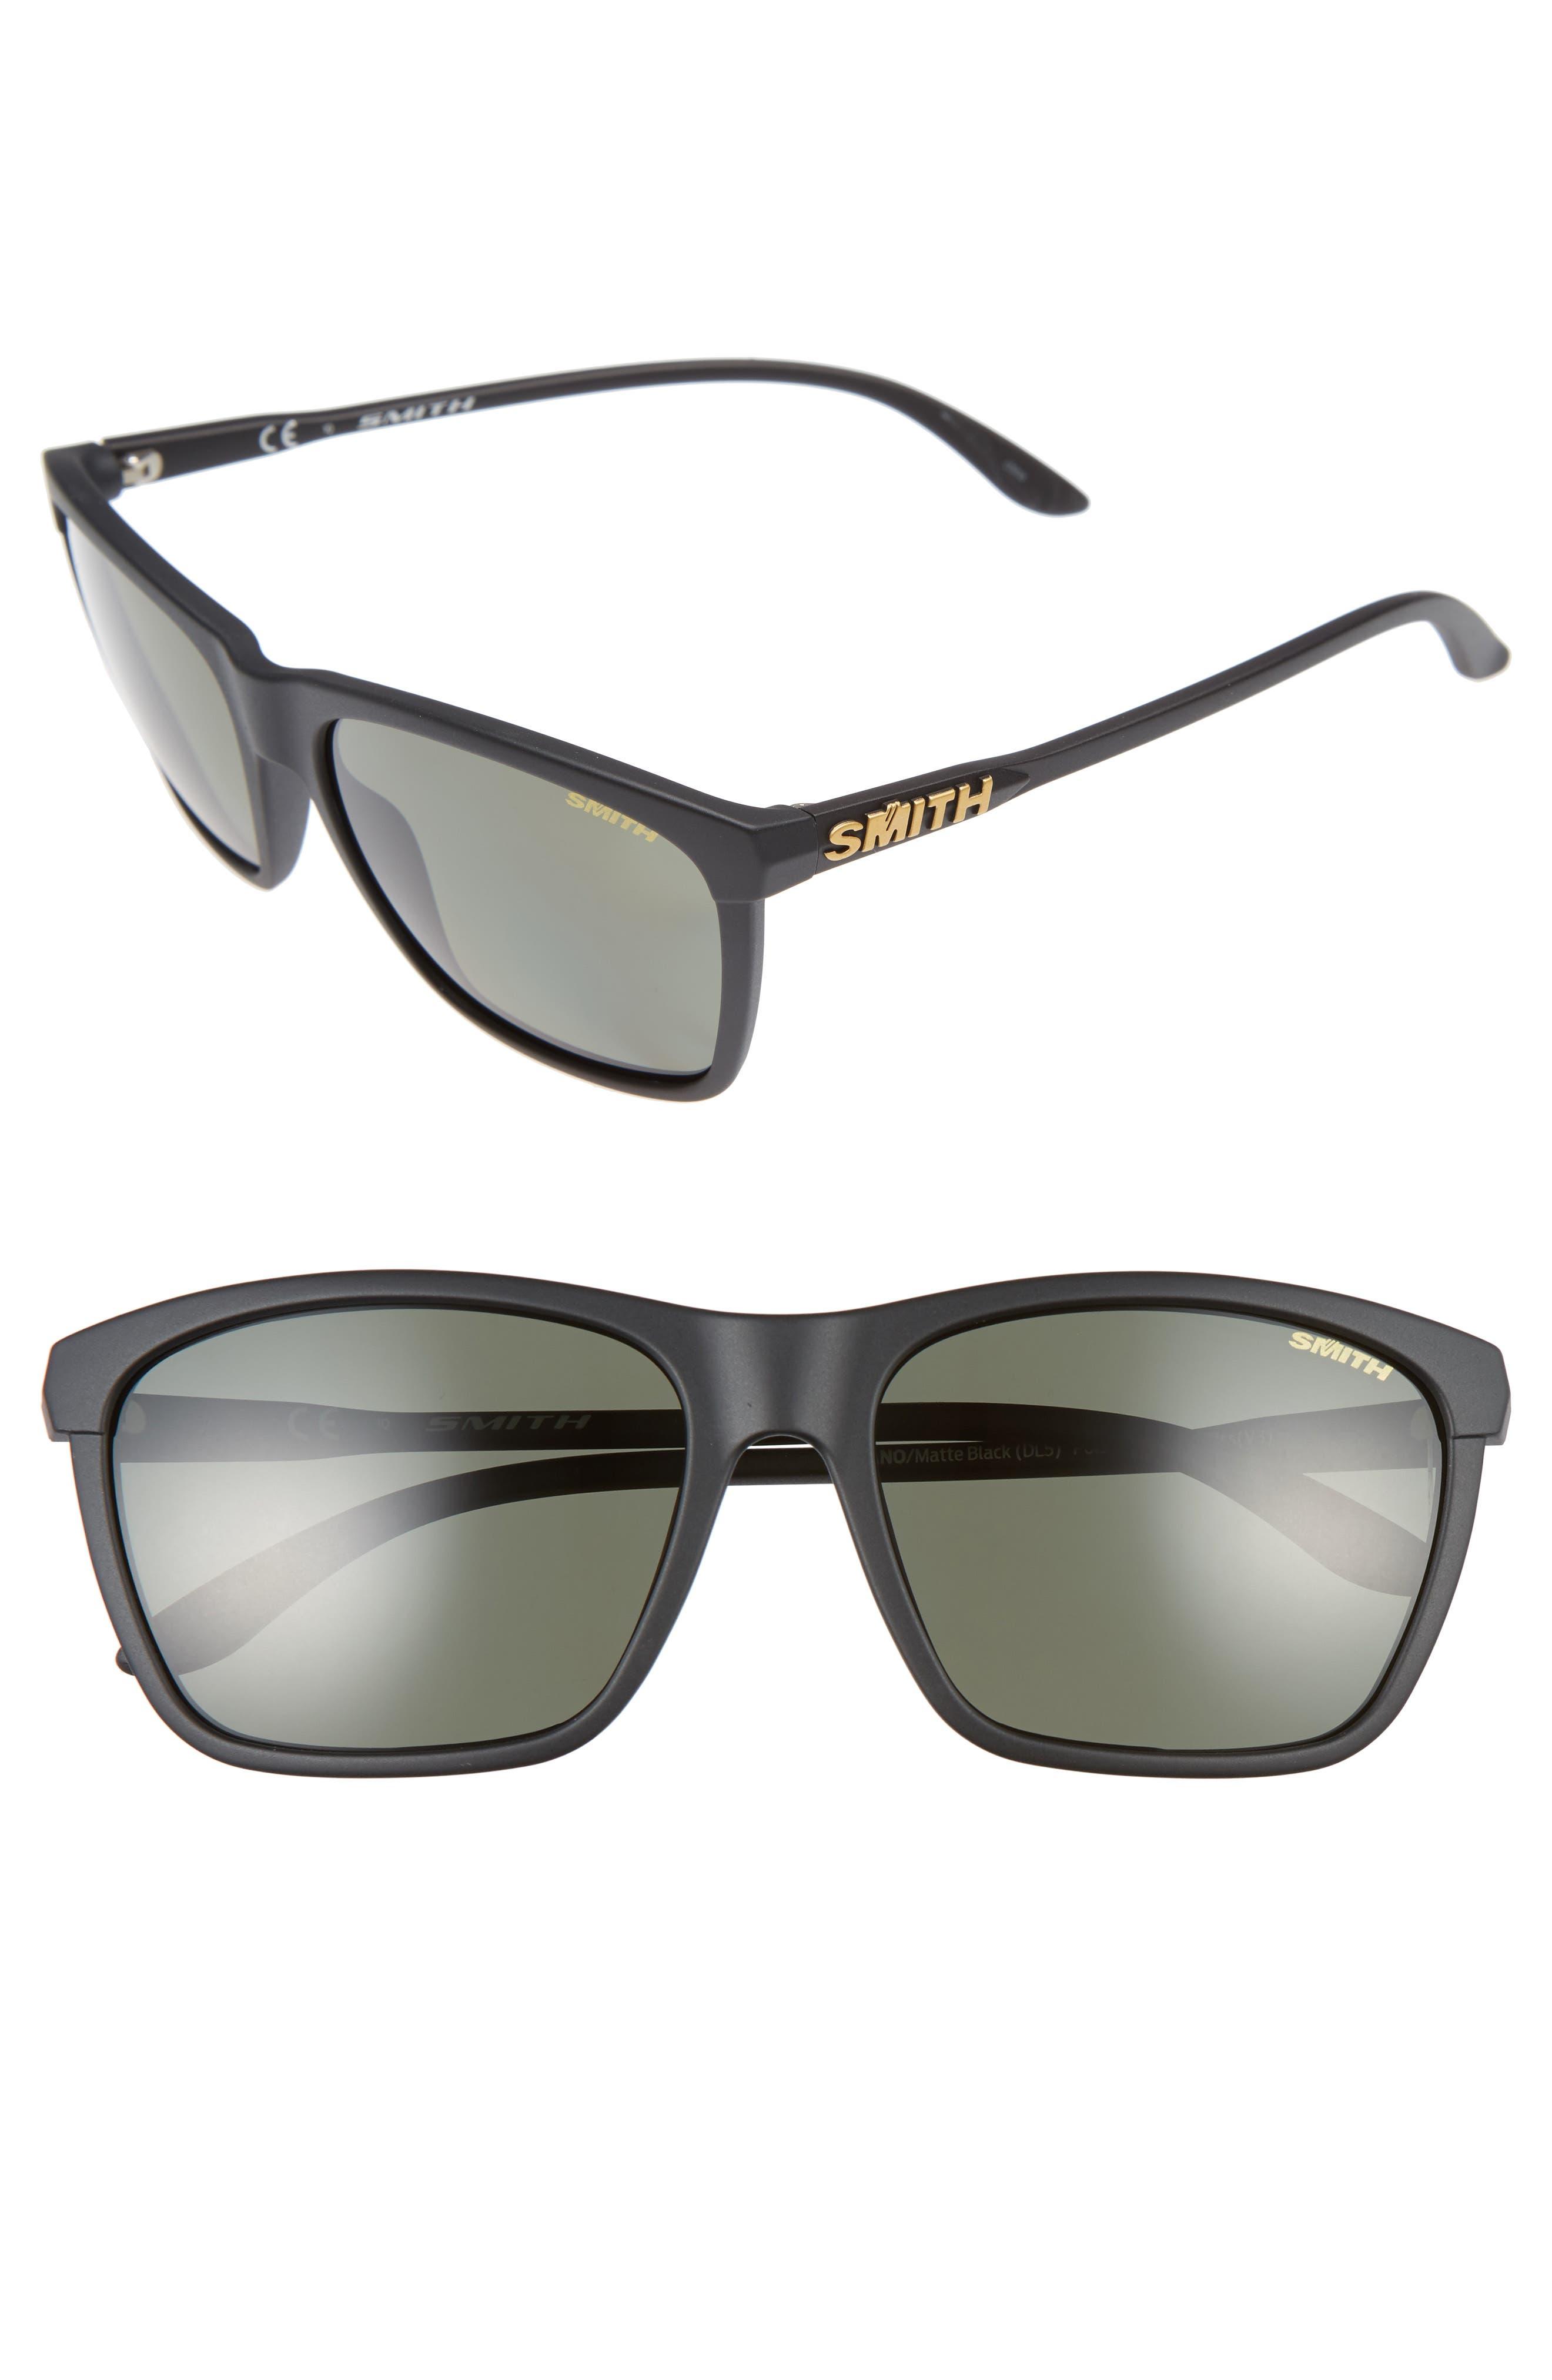 Delano 57mm Sunglasses,                         Main,                         color, 001